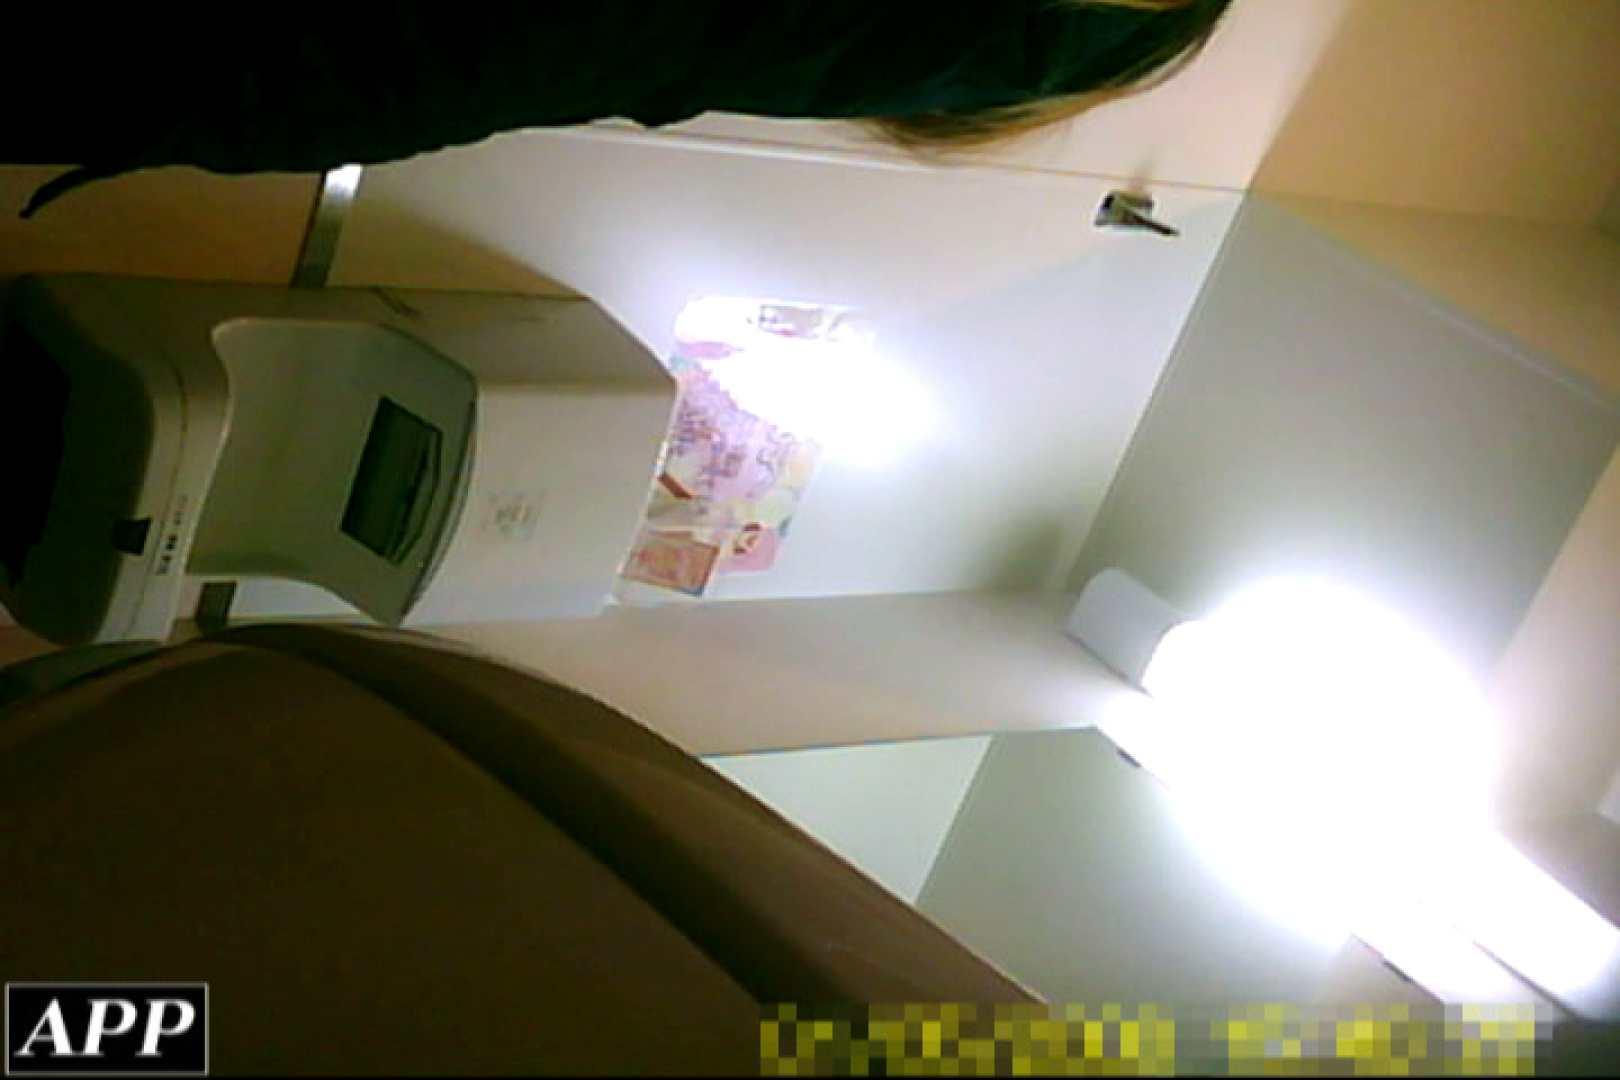 3視点洗面所 vol.18 洗面所のぞき オメコ動画キャプチャ 108枚 37